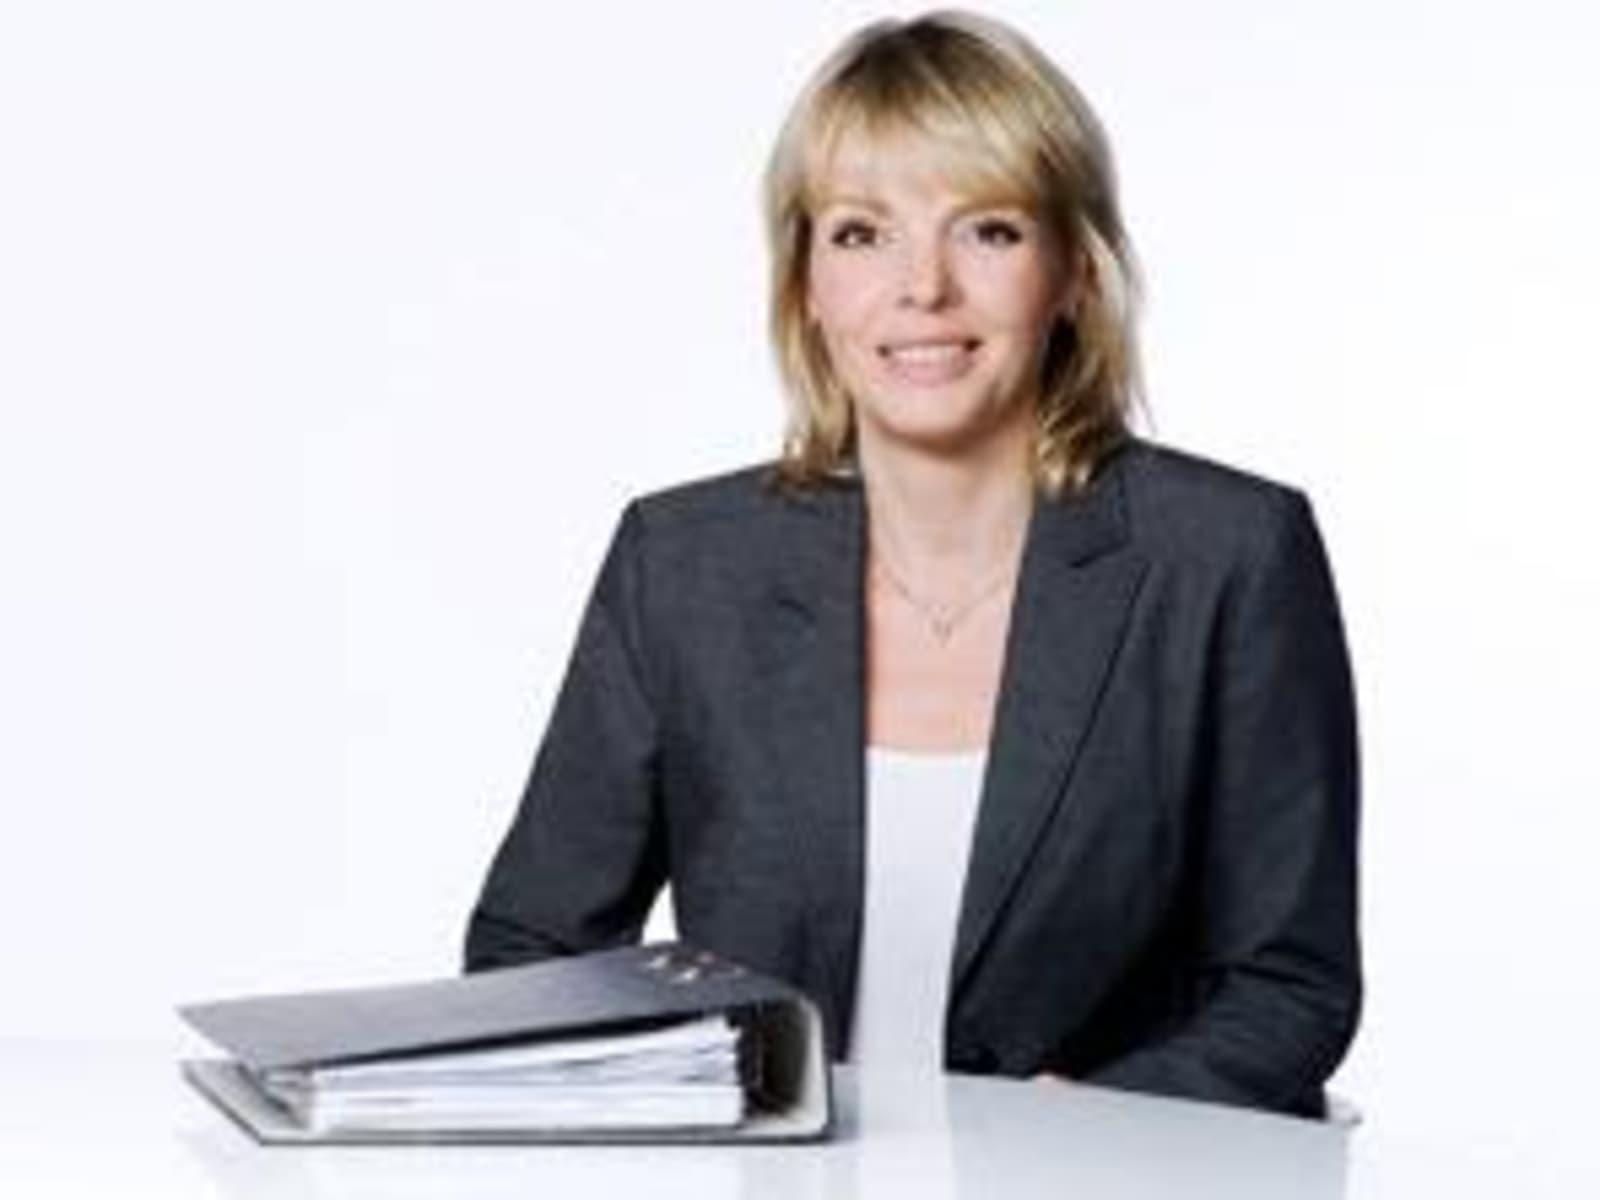 Friederike from Berlin, Germany